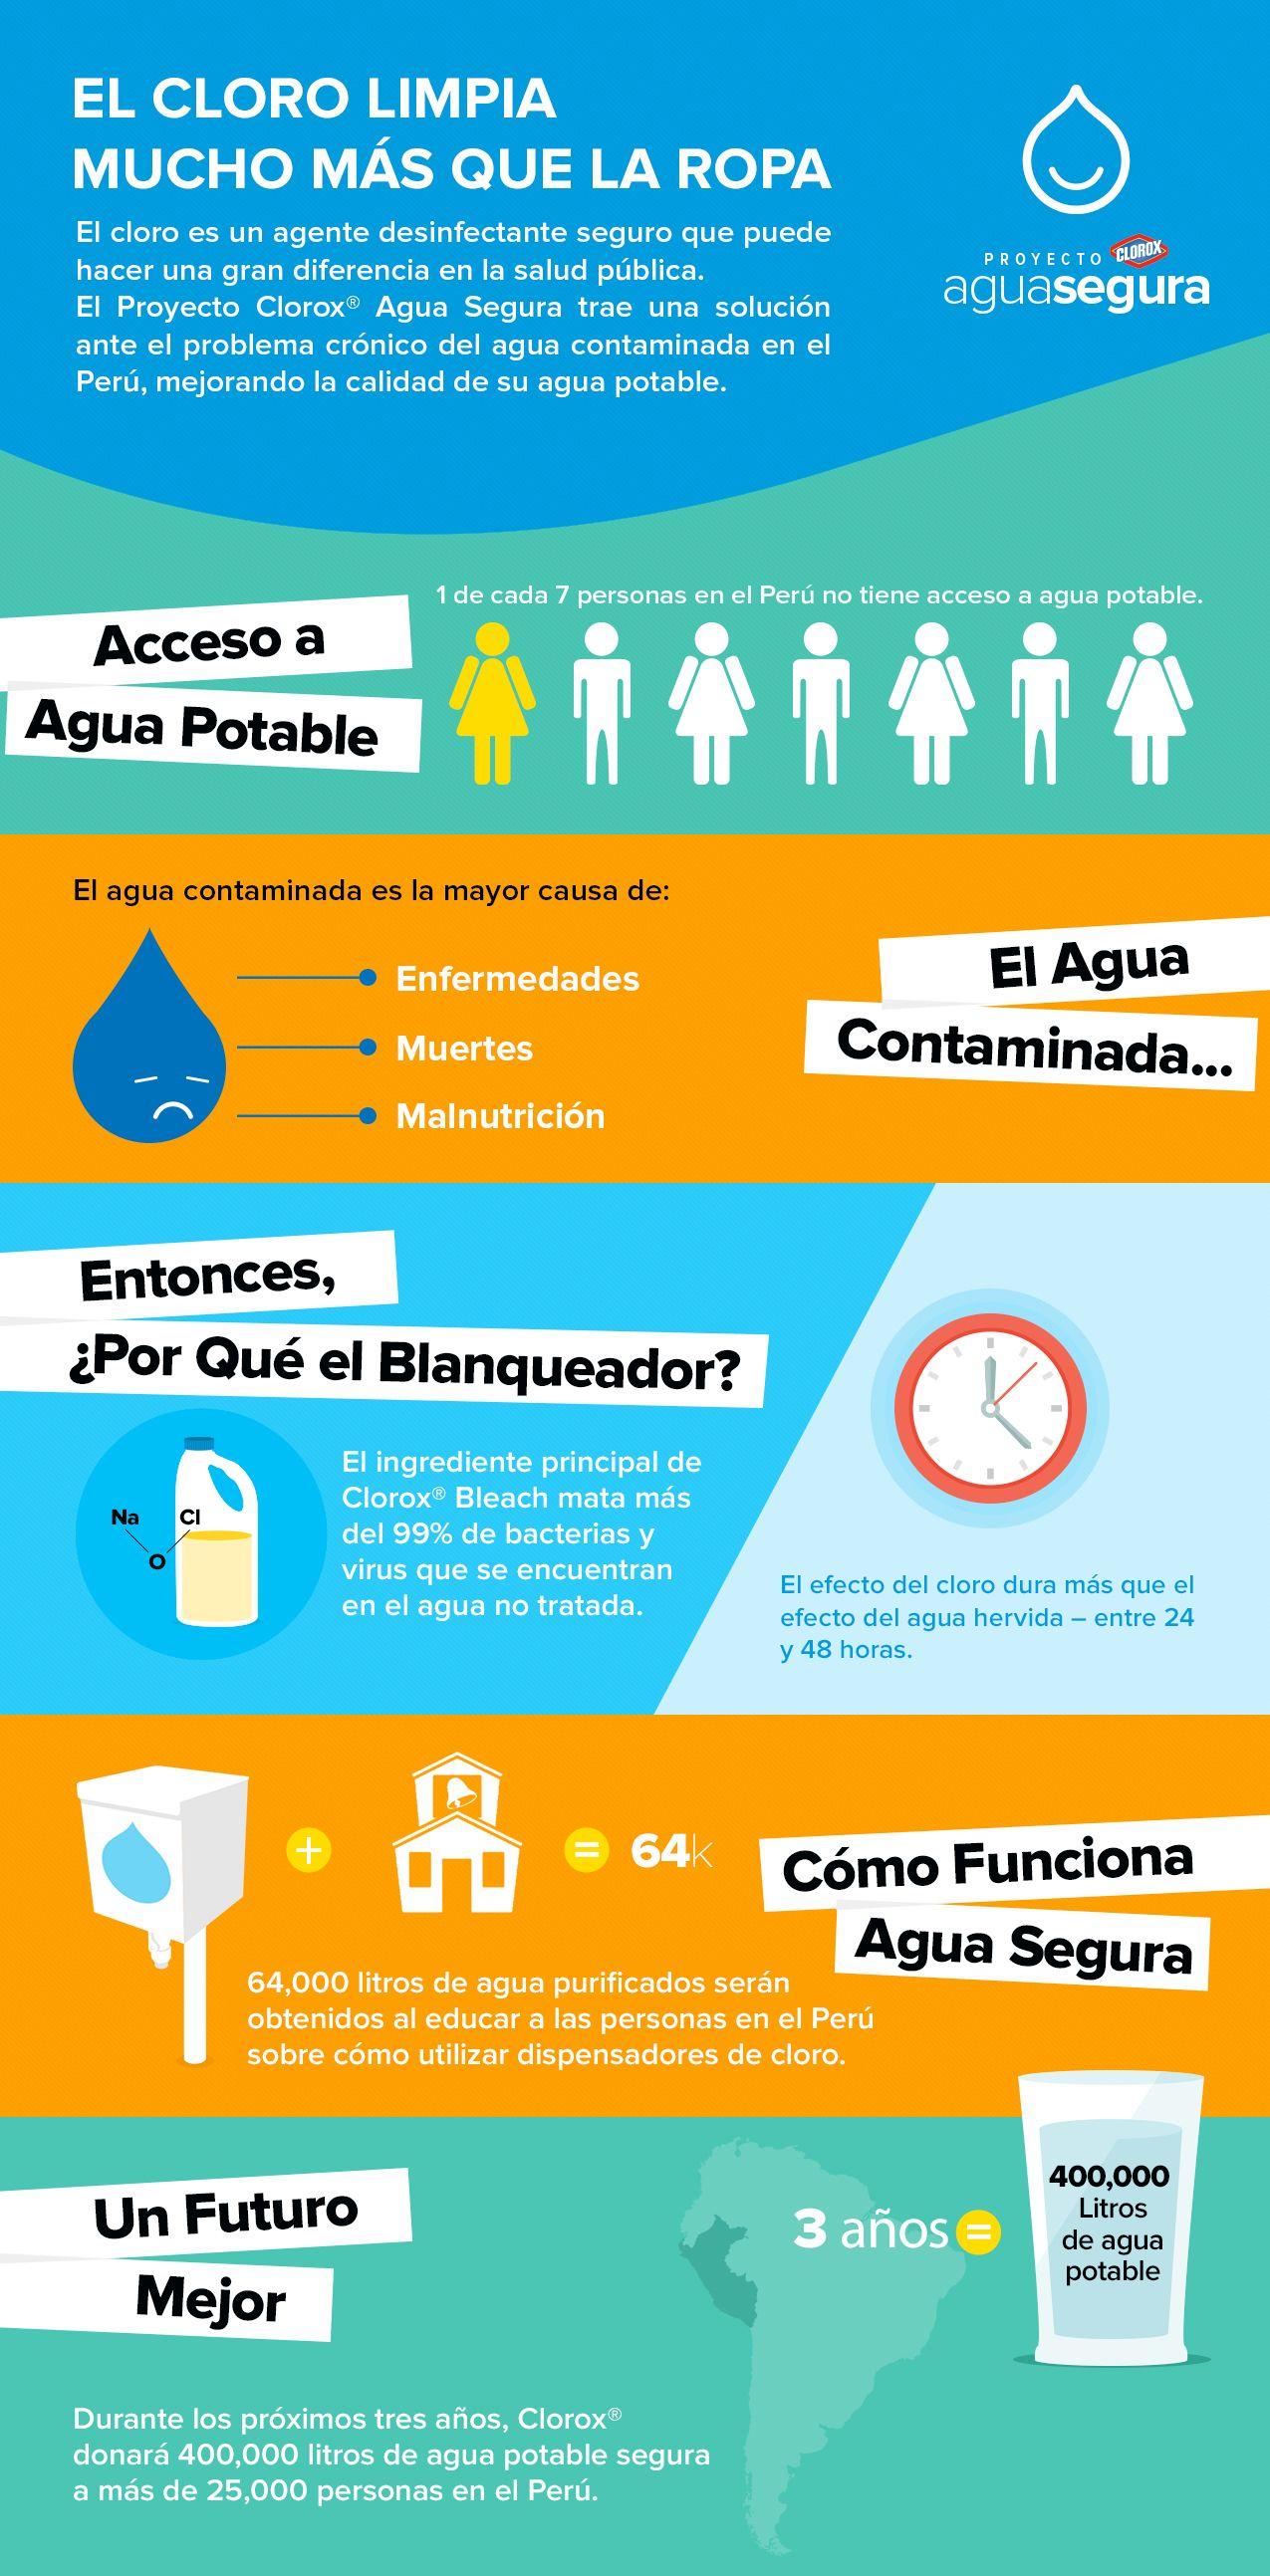 agua segura infografía - Buscar con Google